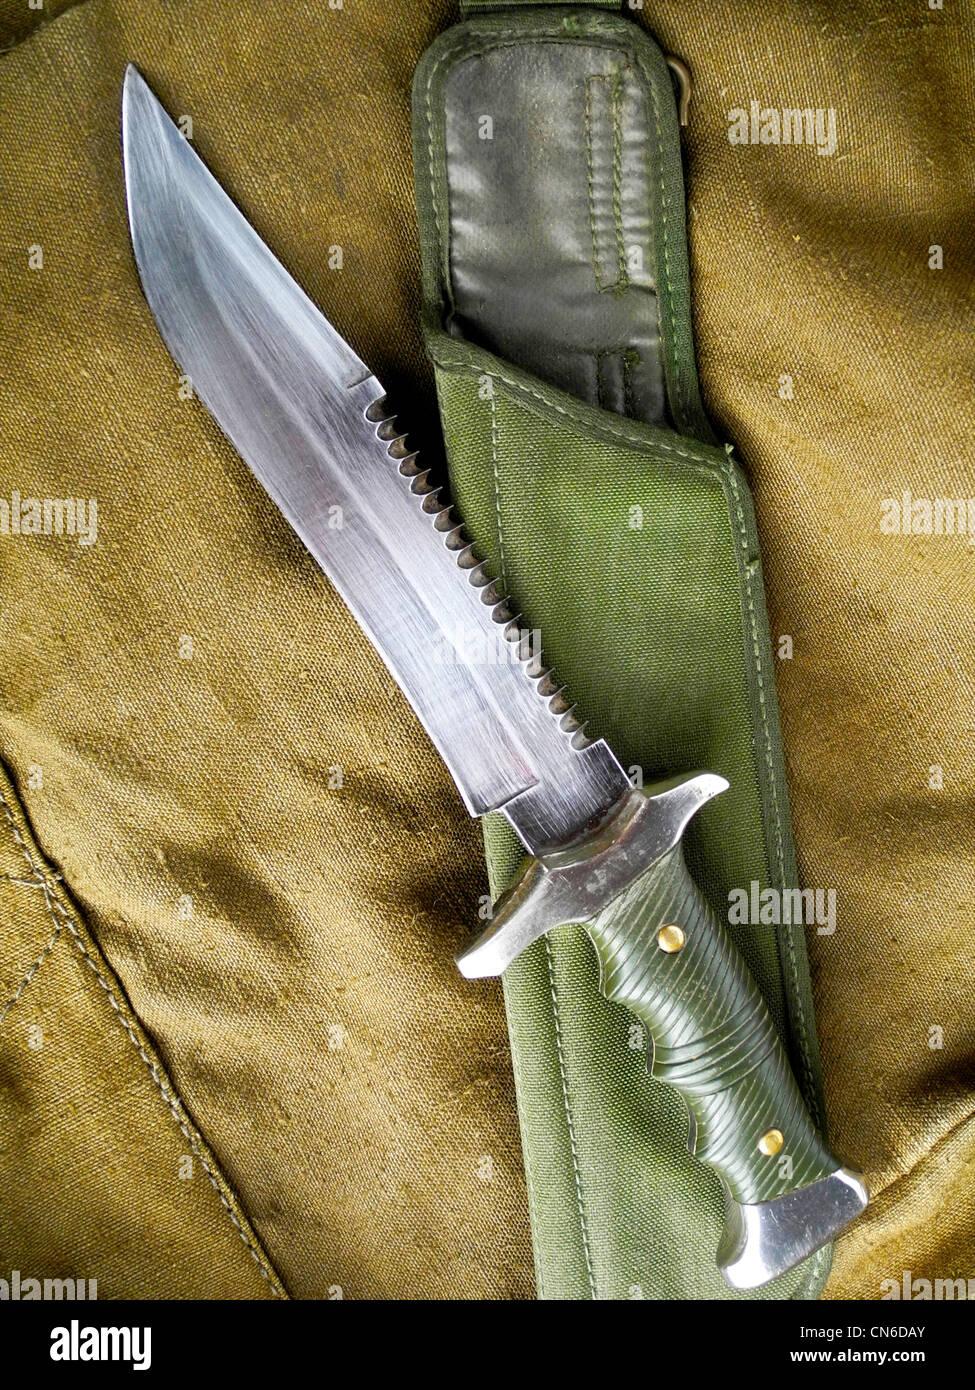 Eine militärische Kampfmesser als Waffe im Nahkampf eingesetzt. Stockbild